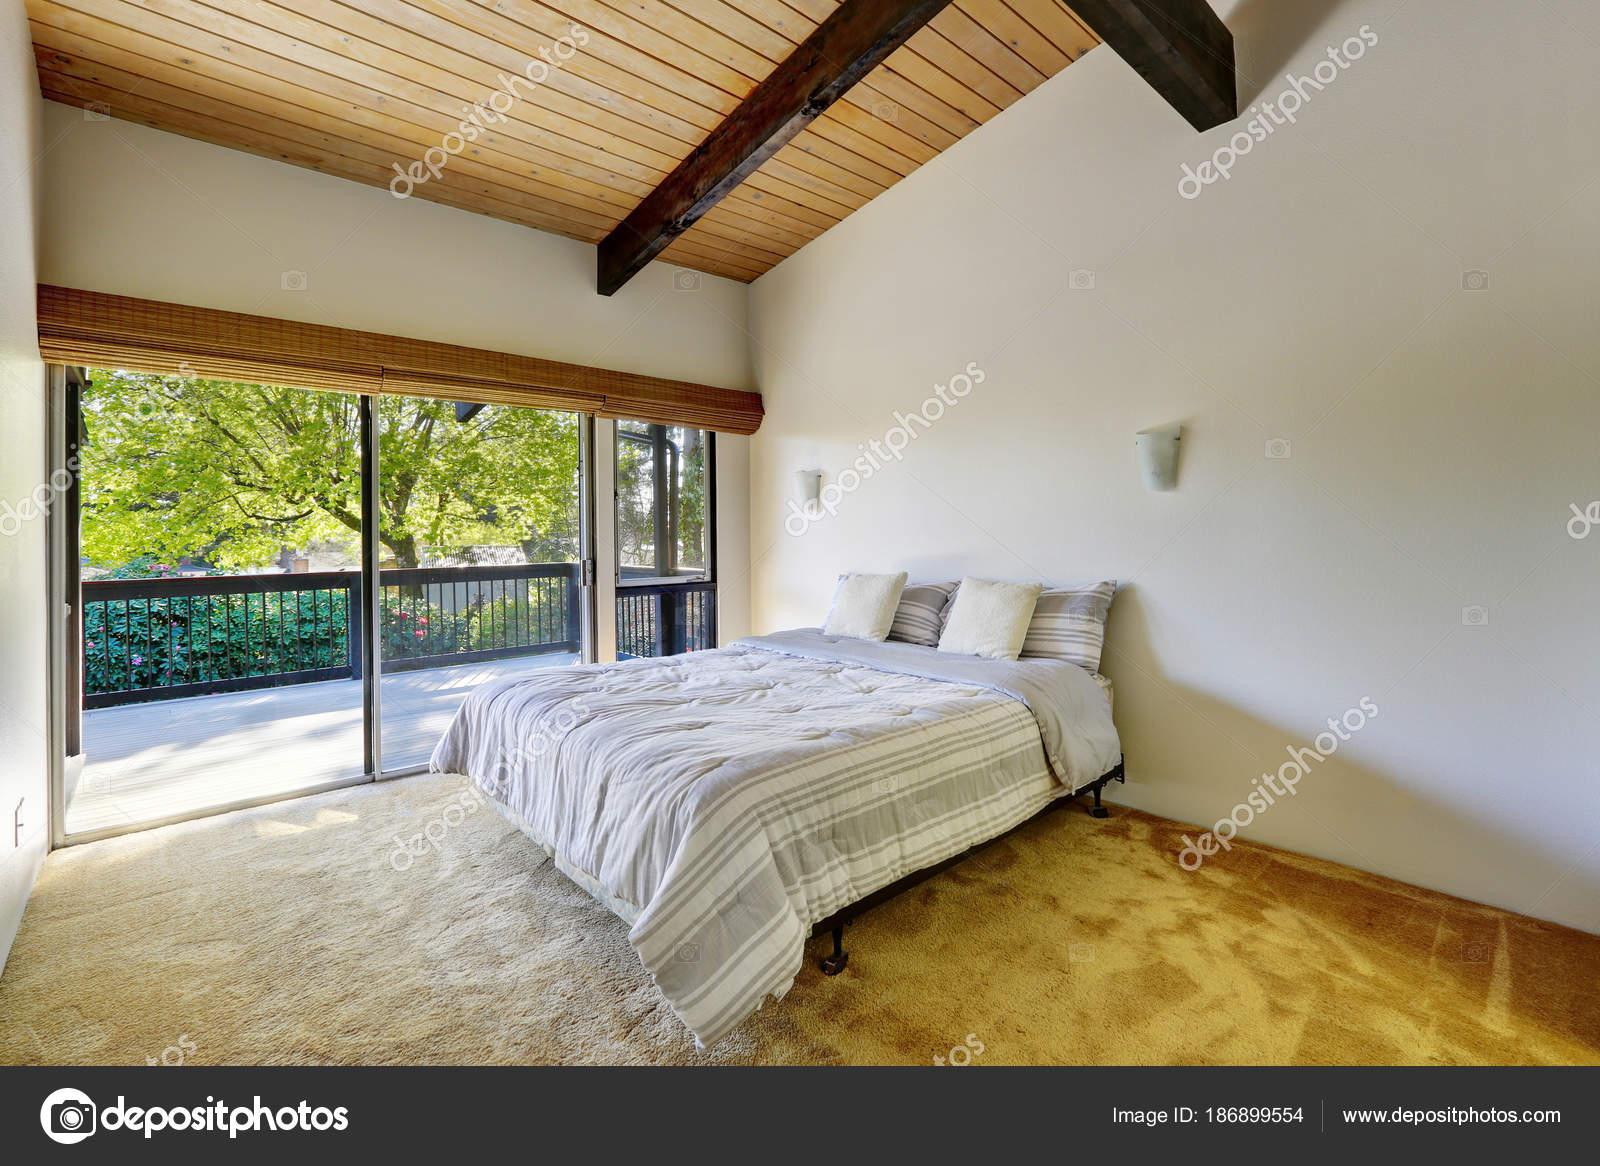 Lichte slaapkamer ontwerp met houten plank gewelfde plafond